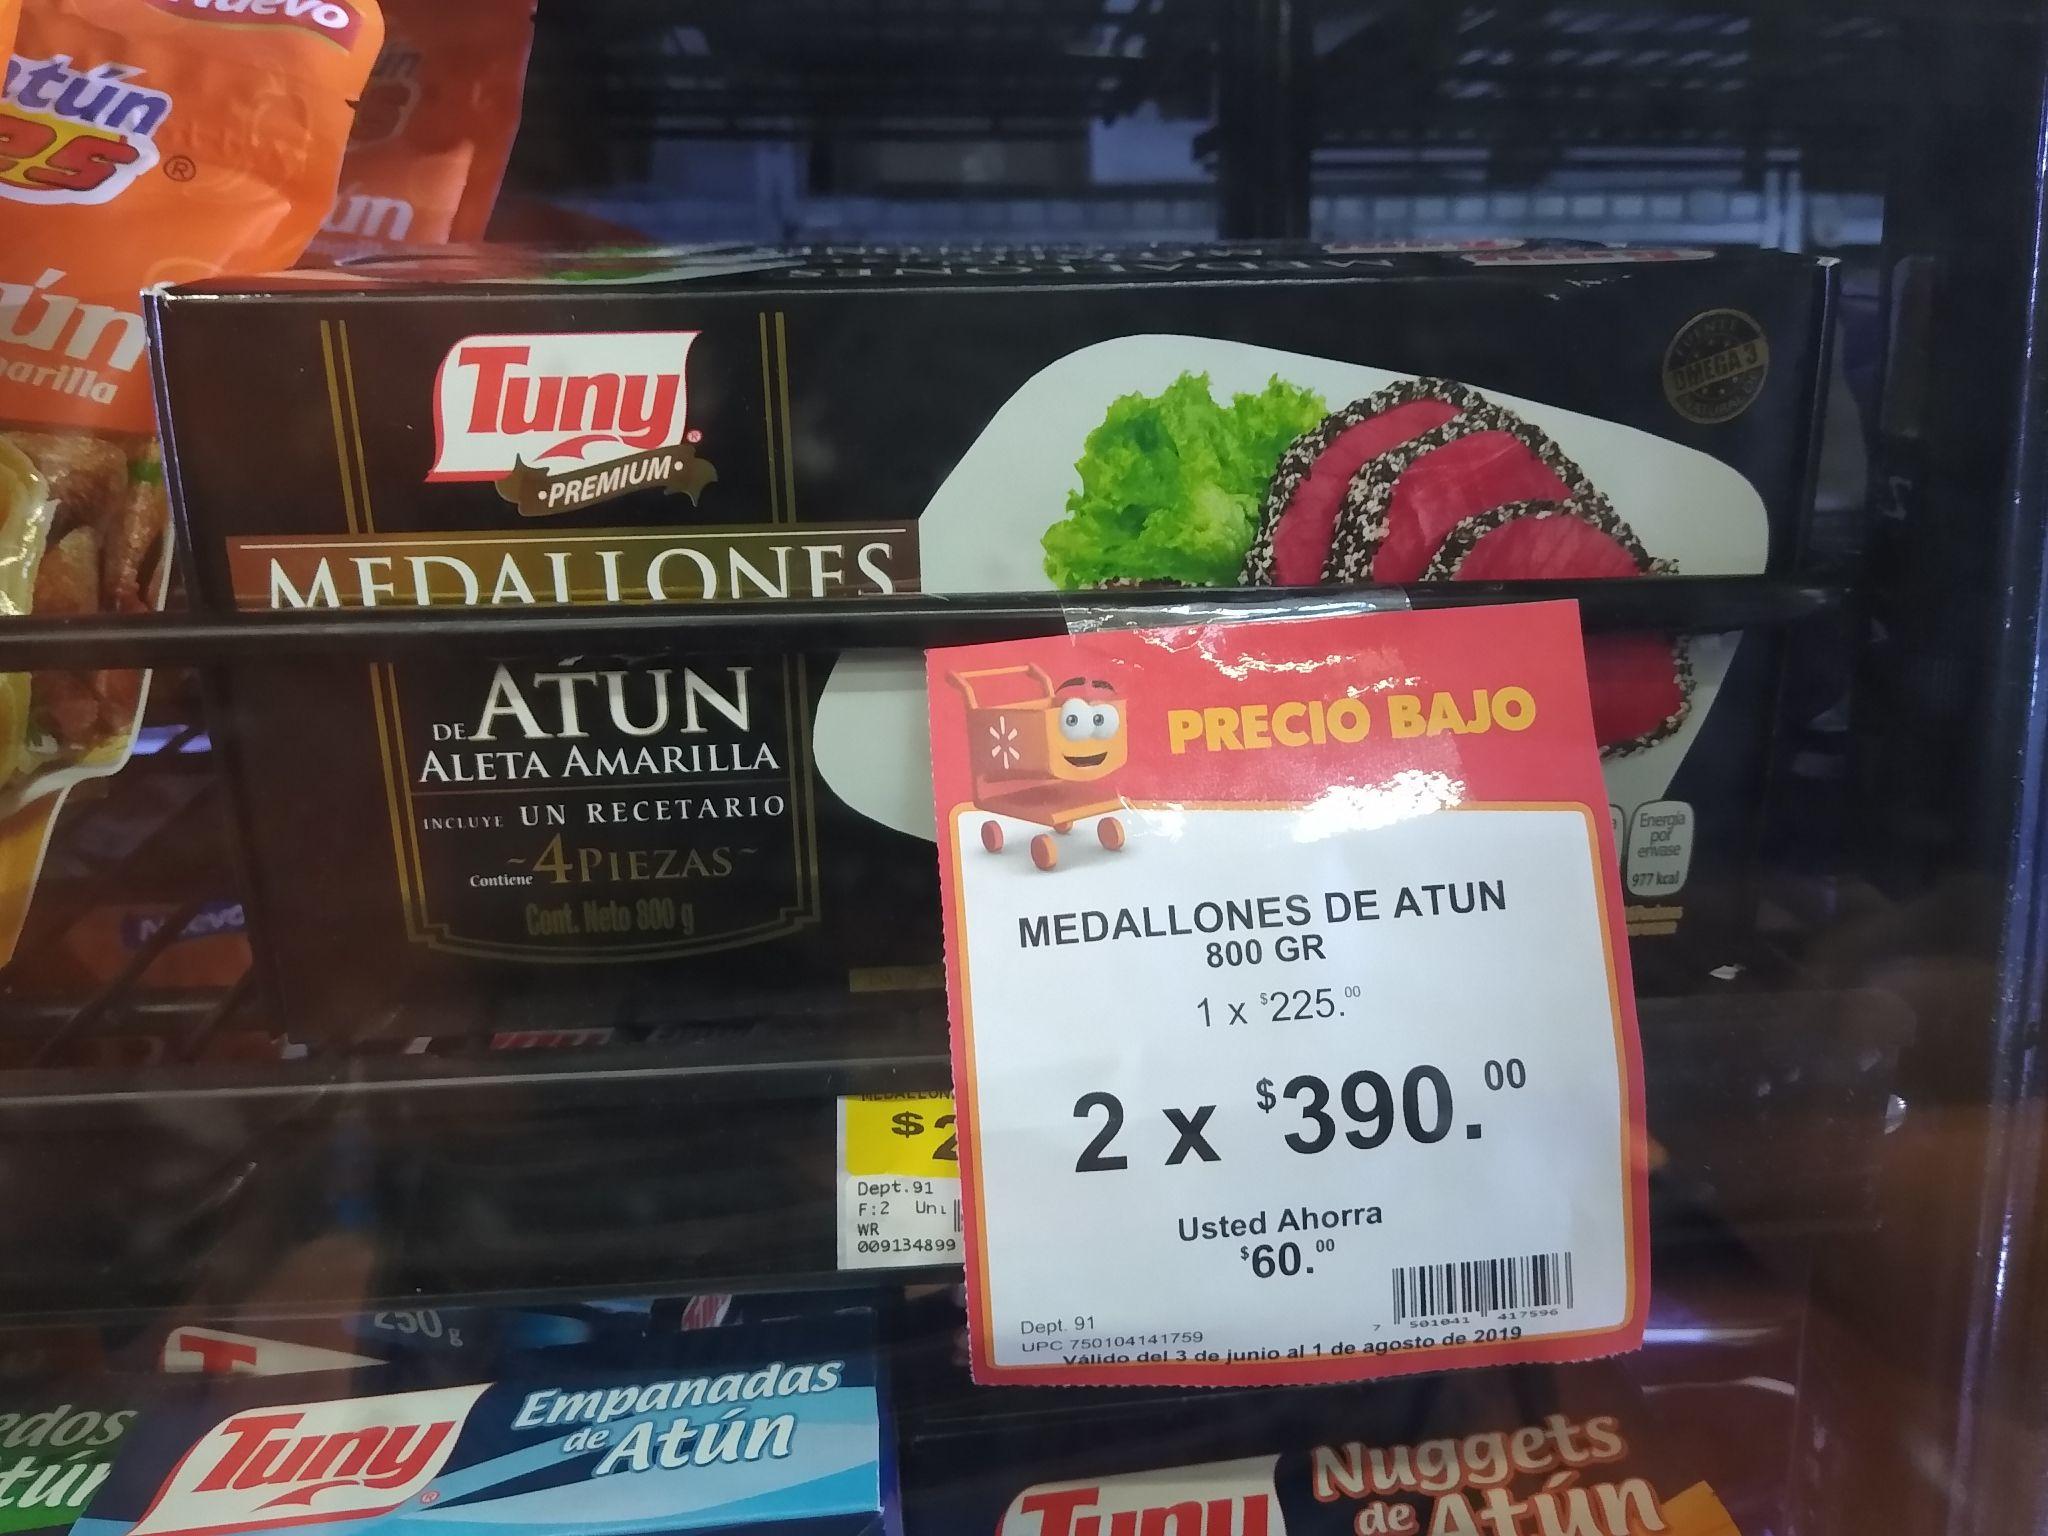 Walmart: Medallón de atún tuny 2x$390)